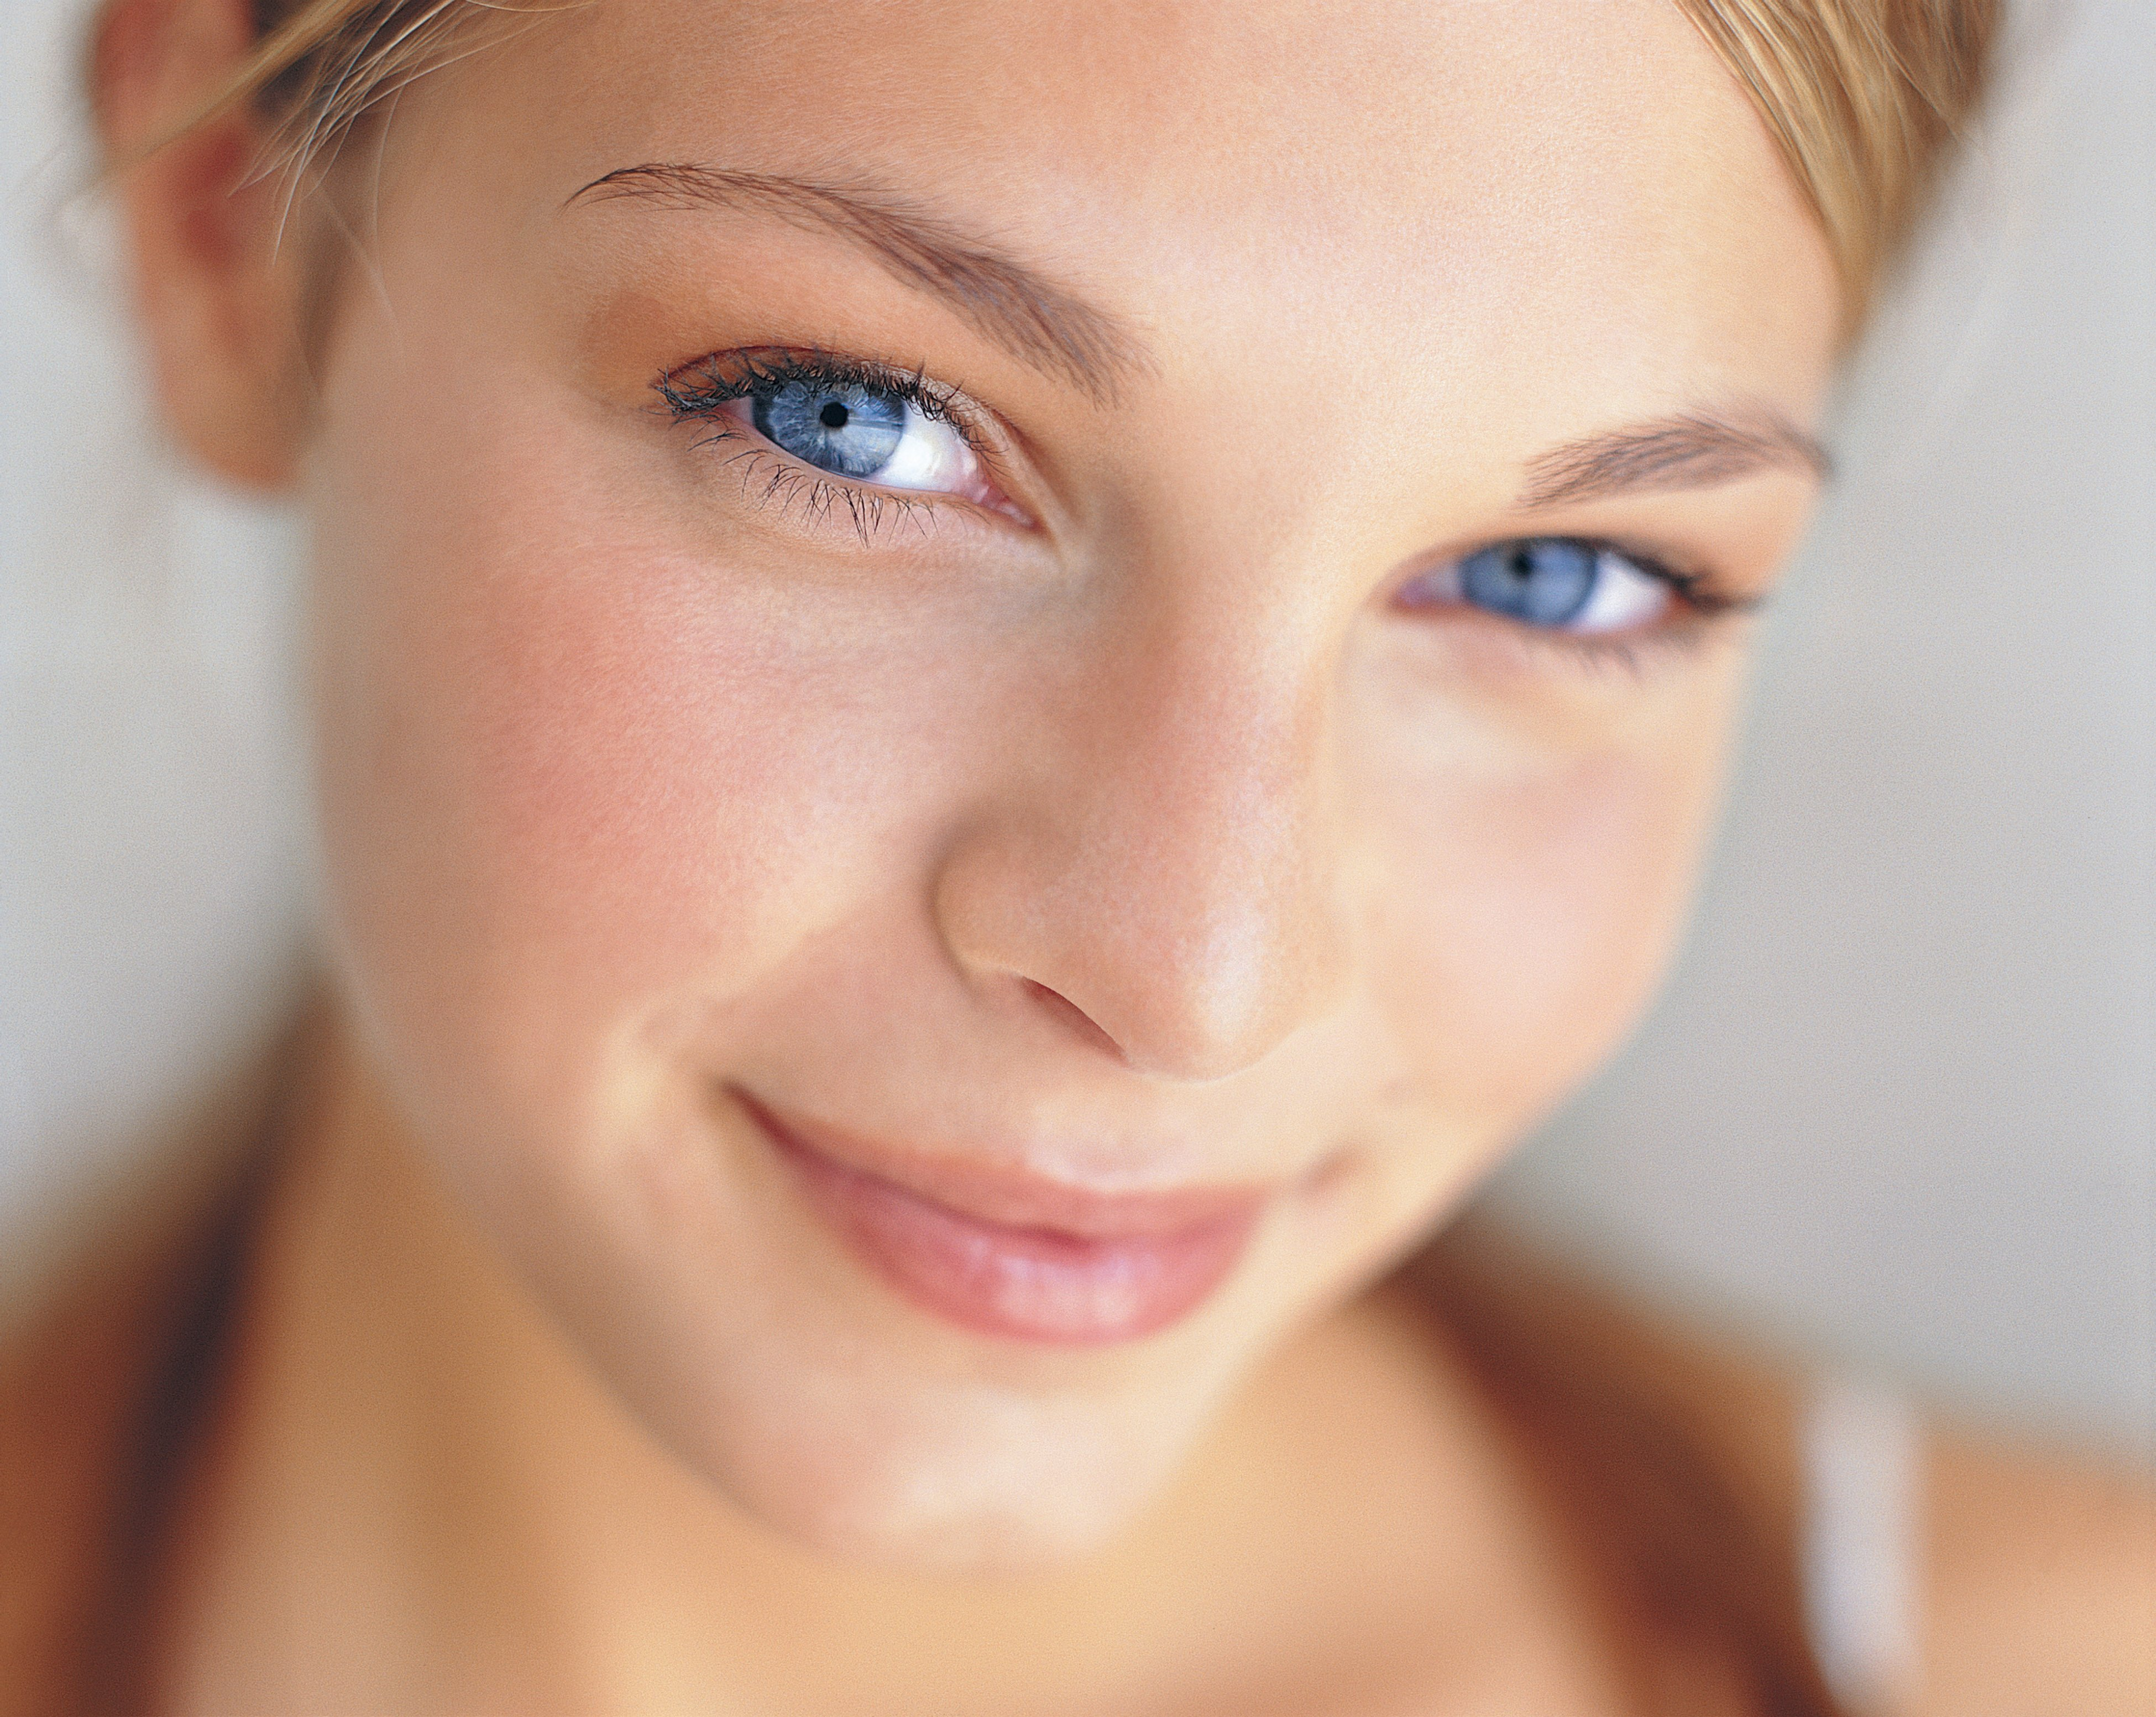 Как снять покраснение с лица, избавиться от покраснений?